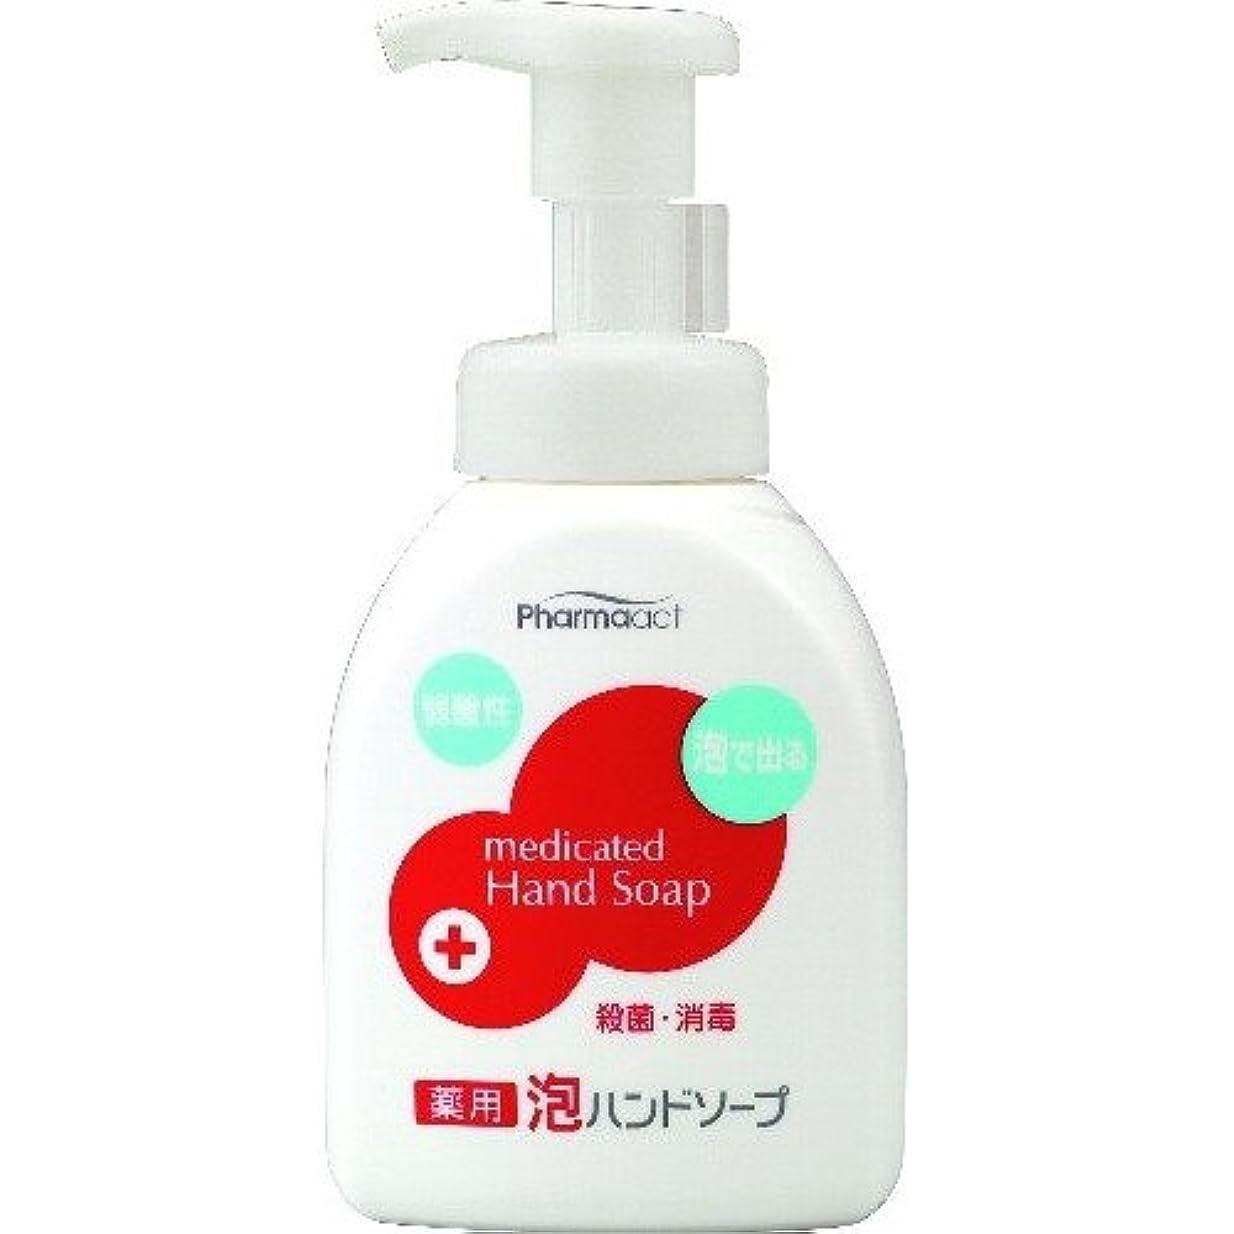 気まぐれな重要ベーコンファーマアクト 弱酸性薬用泡ハンドソープ ボトル(250mL) 日用品 洗面?バス用品 ハンドソープ [並行輸入品] k1-4513574009325-ak